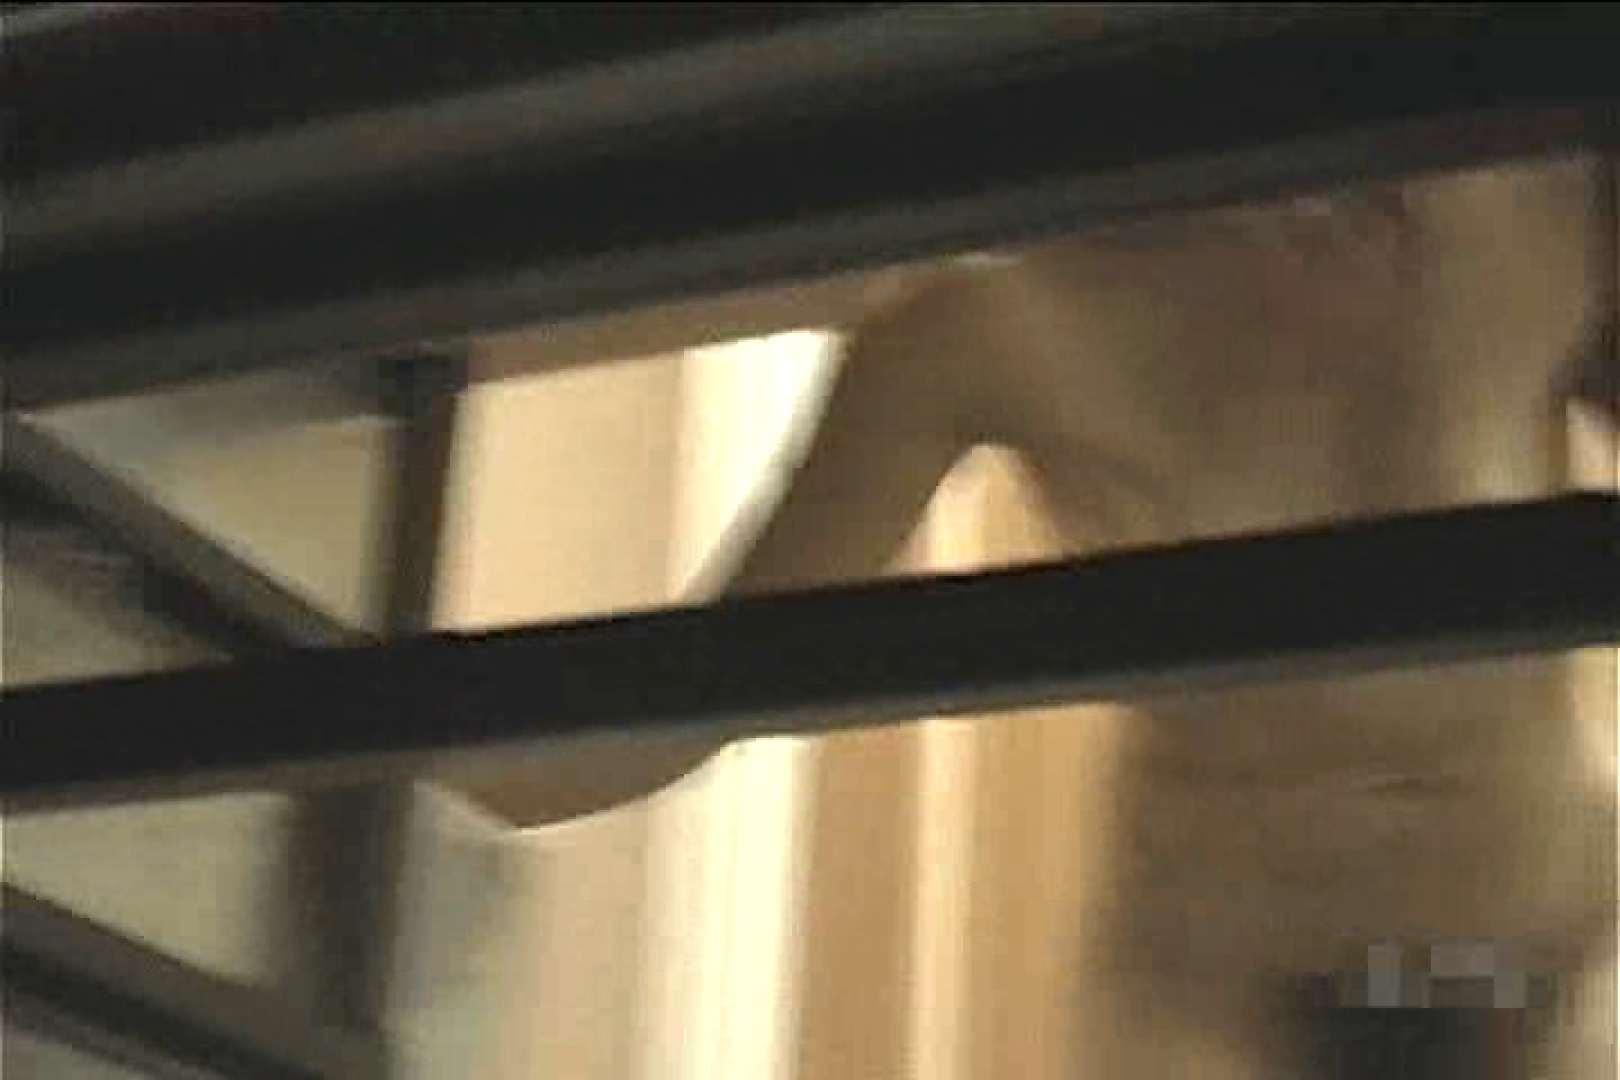 激撮ストーカー記録あなたのお宅拝見しますVol.8 オナニーDEエッチ 濡れ場動画紹介 83PIX 54